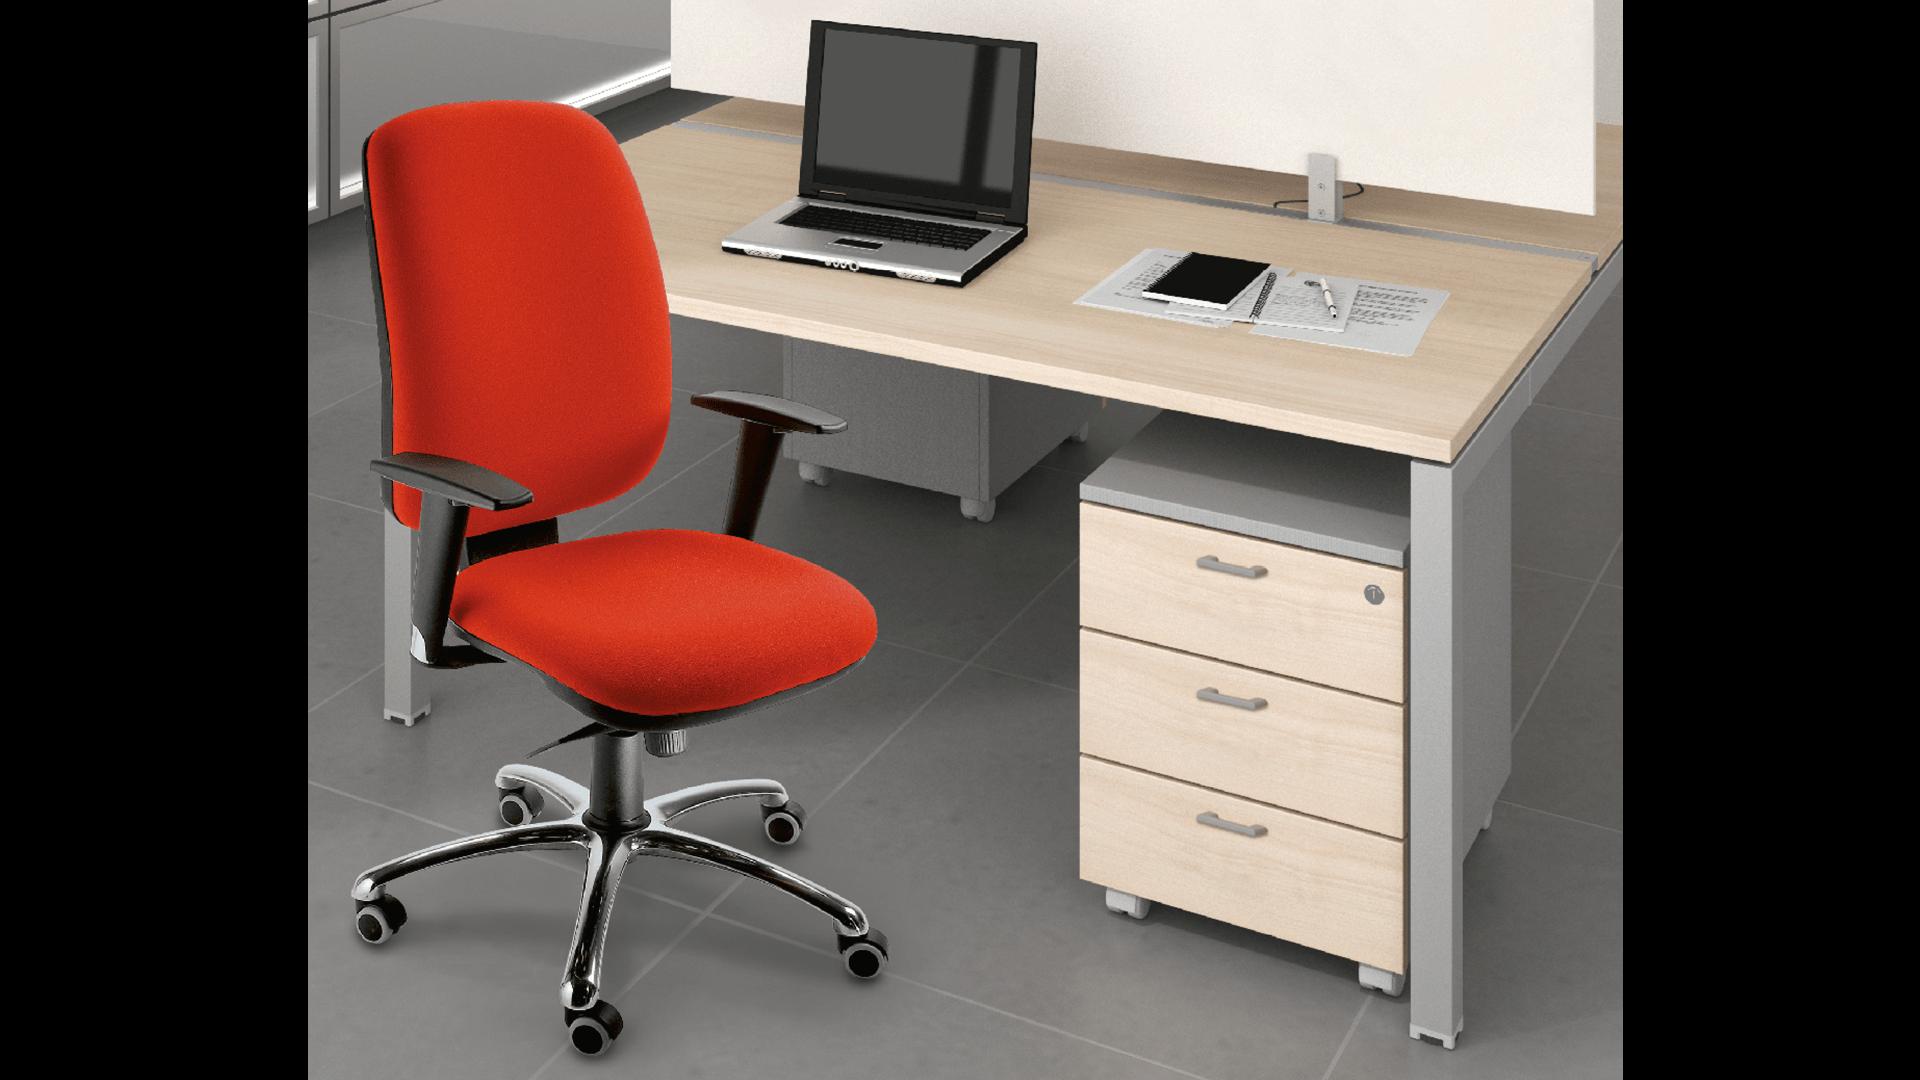 Sedie ufficio las vendita online di mobili per la casa e for Vendita online sedie ufficio